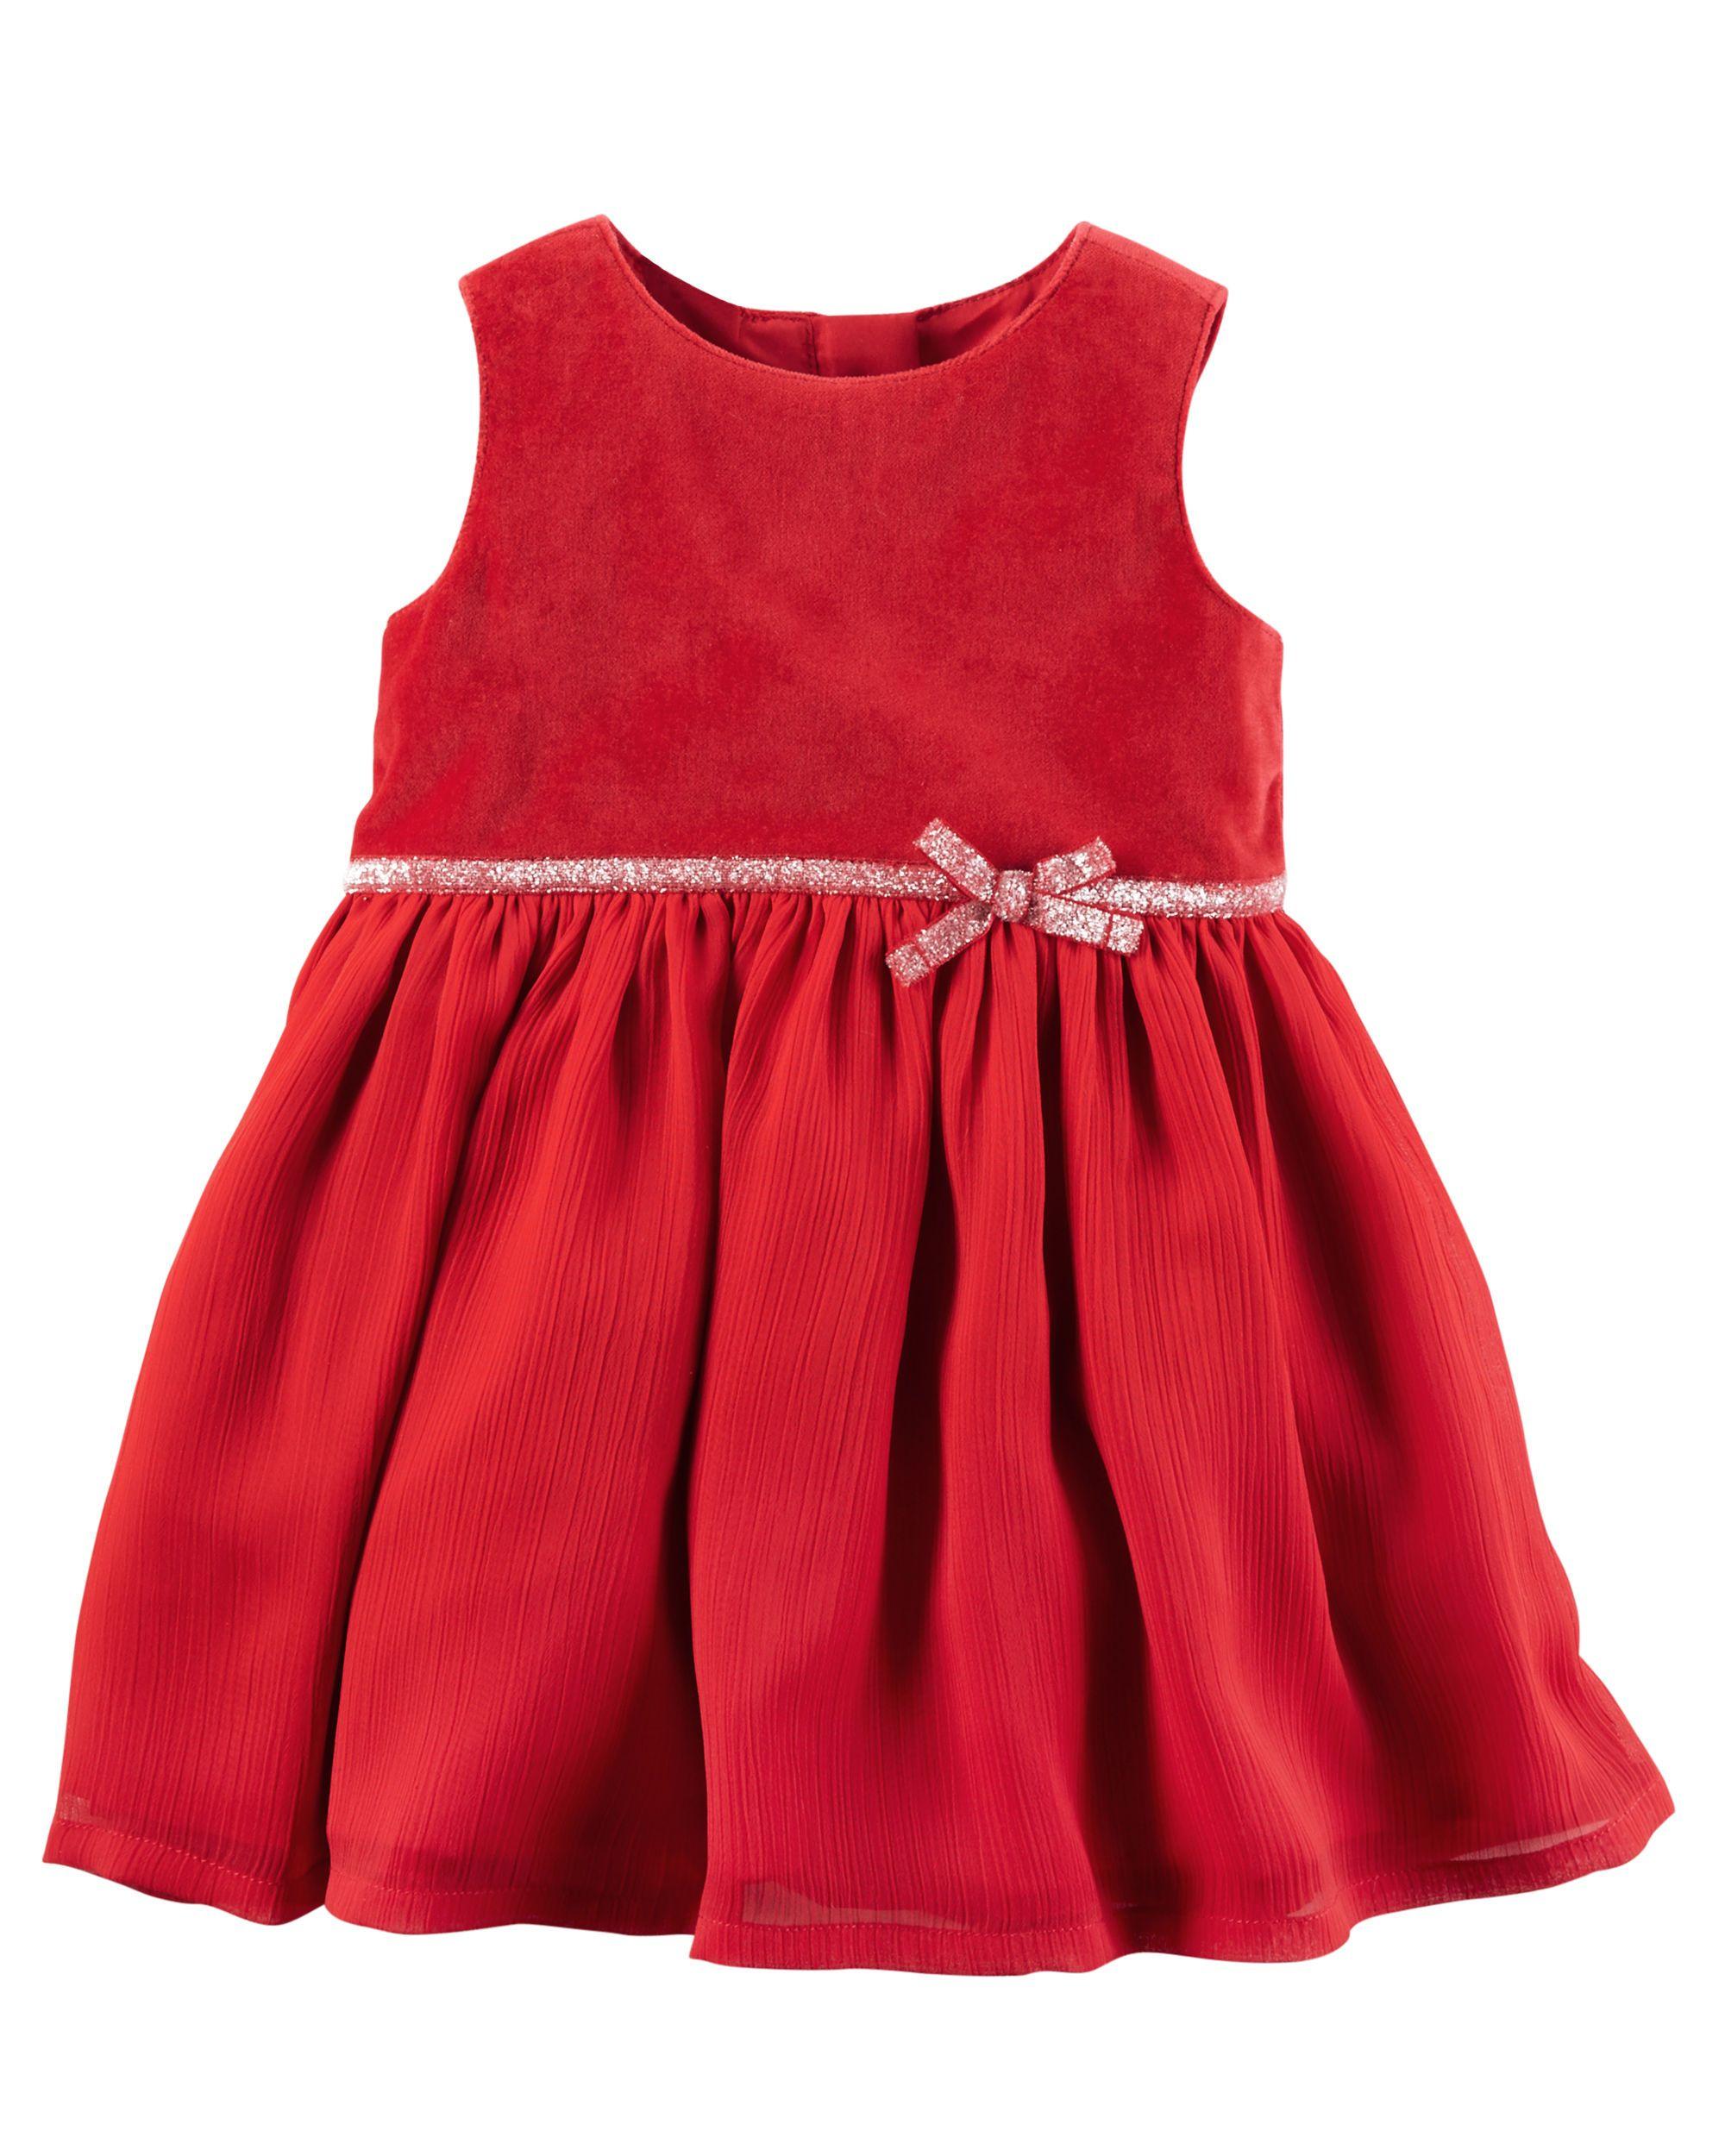 992704620abc Baby Girl Velveteen Glitter Belt Dress | Carters.com | Carter's ...